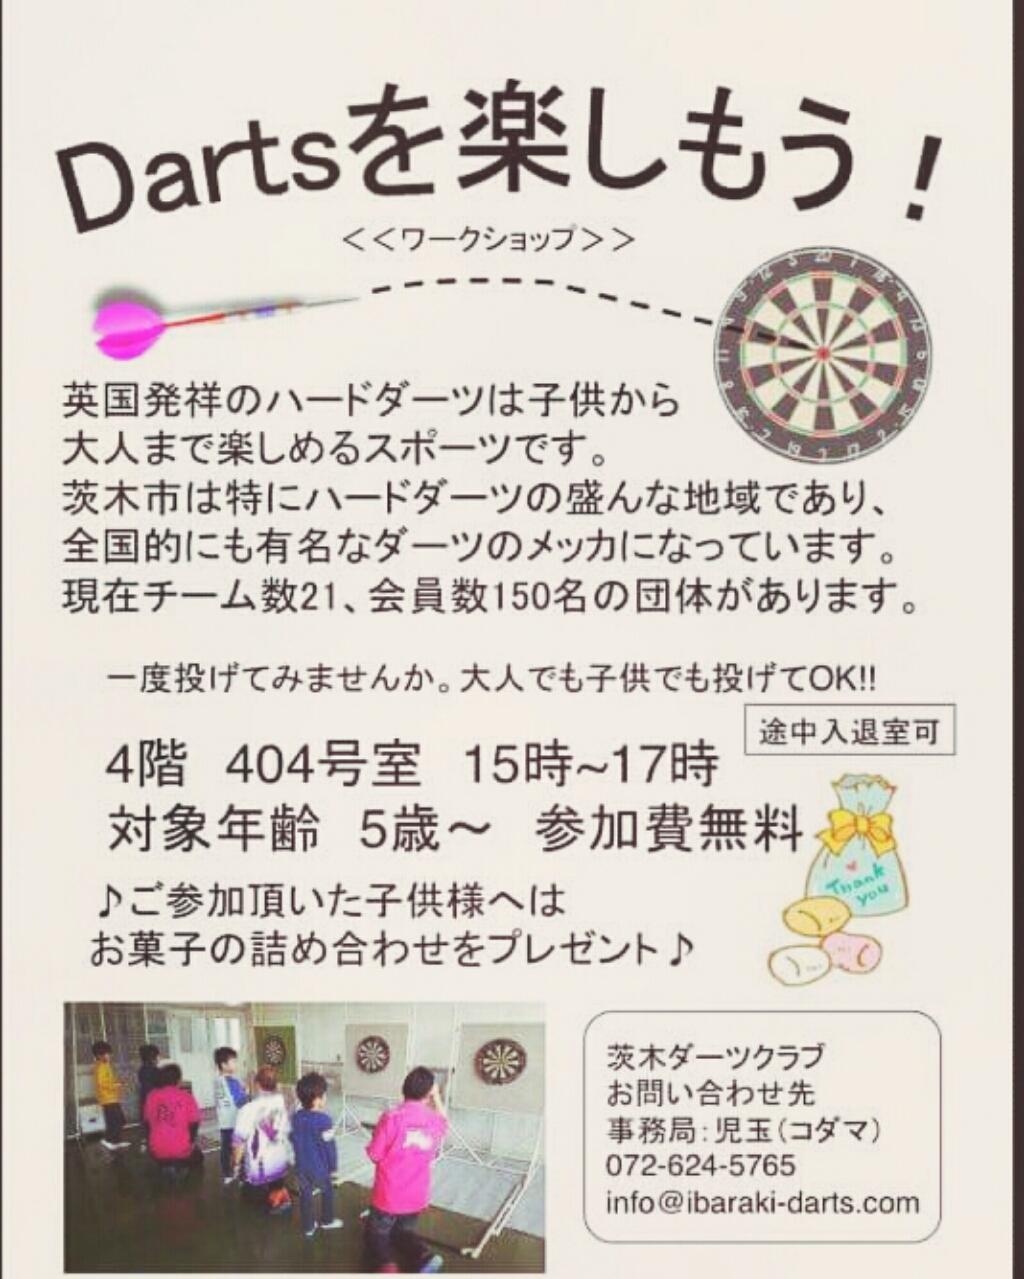 茨木ダーツクラブ